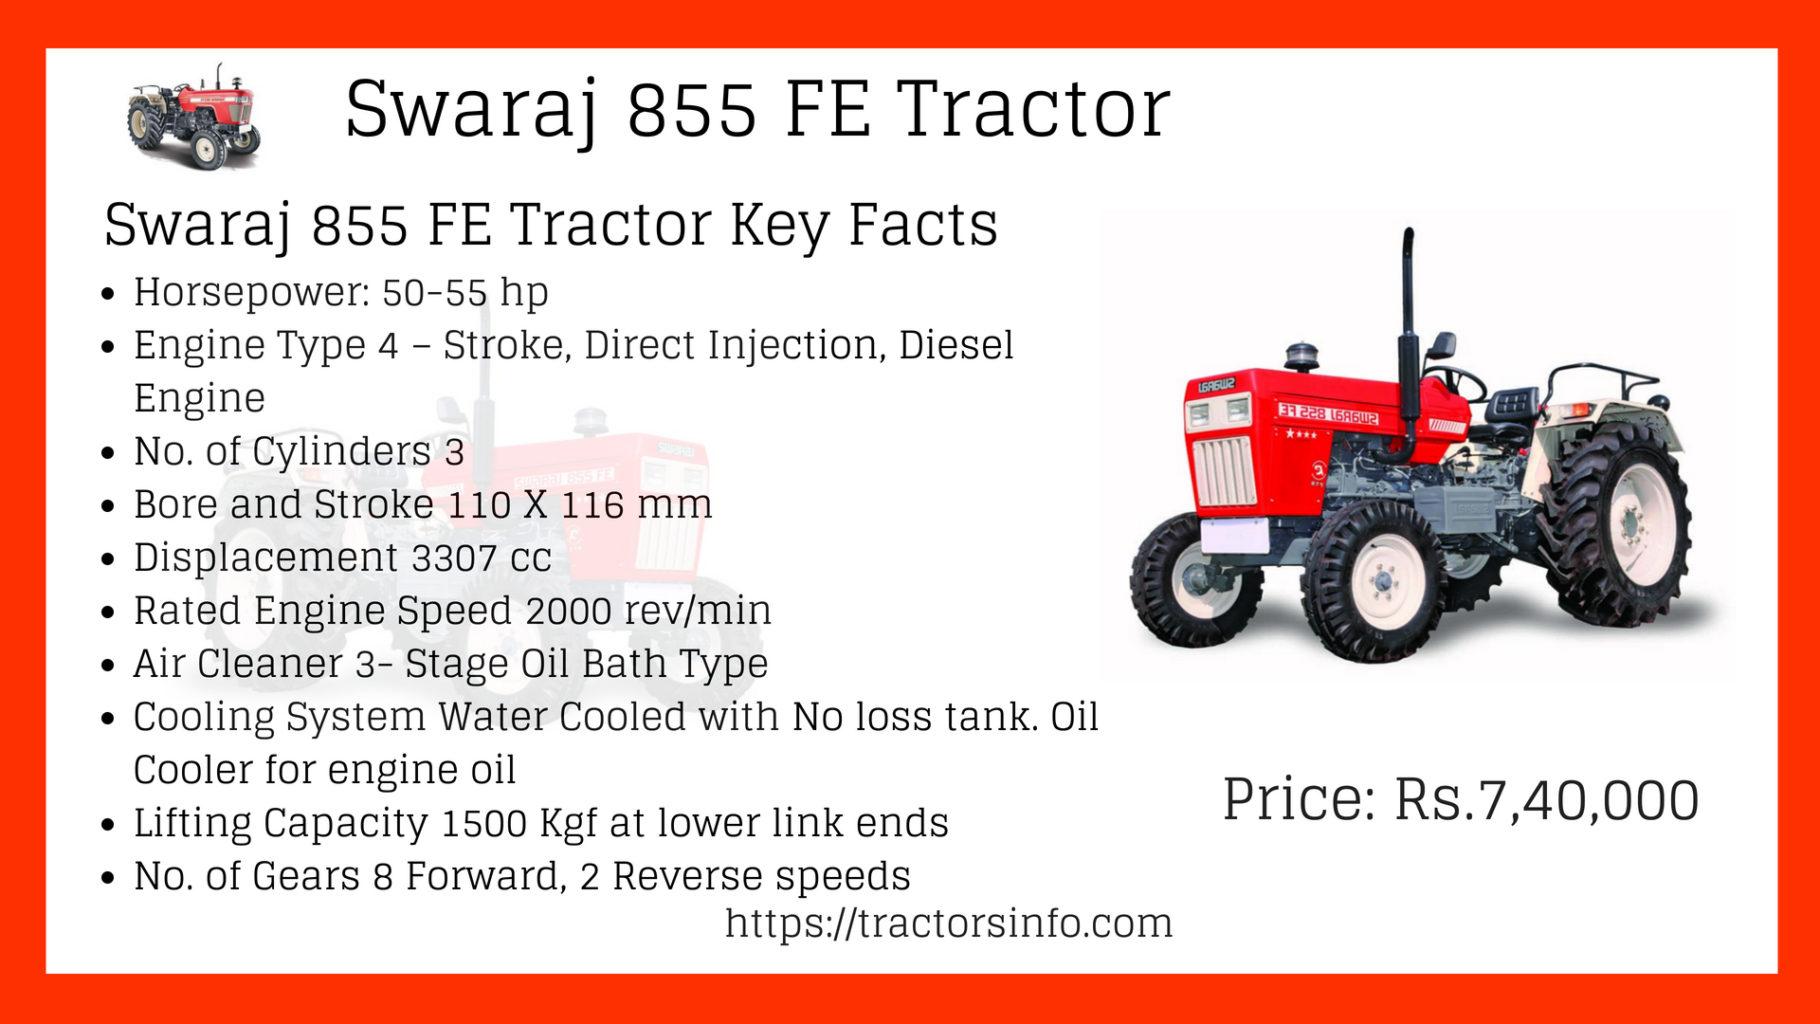 Swaraj 855 FE Tractor